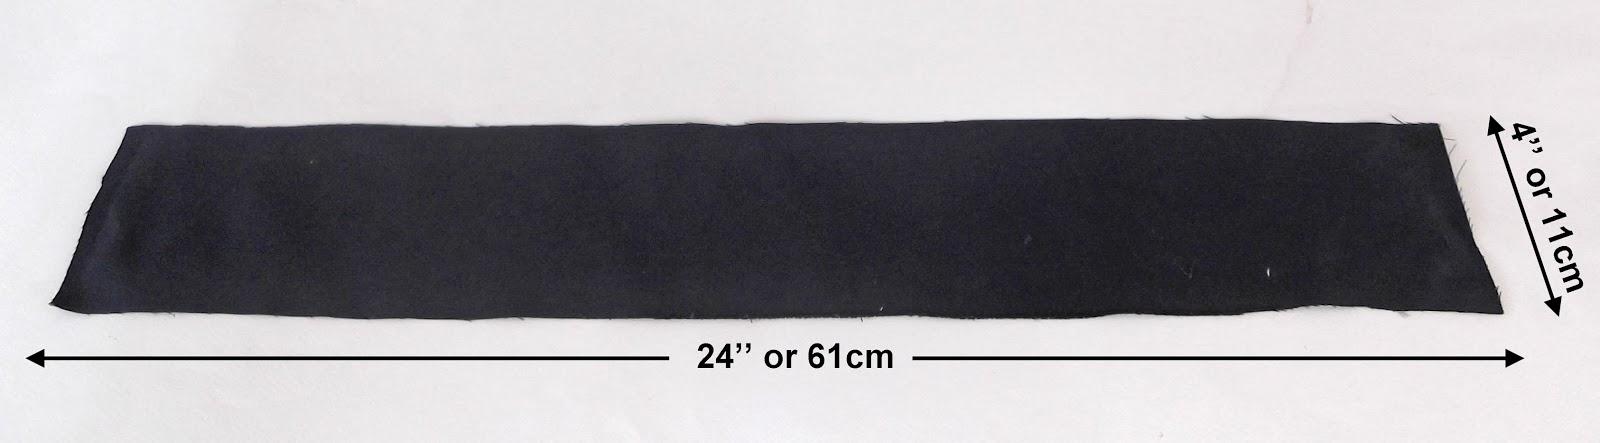 Bolsas de dimensões, alças de bolsas, quanto tempo são alças de saco,